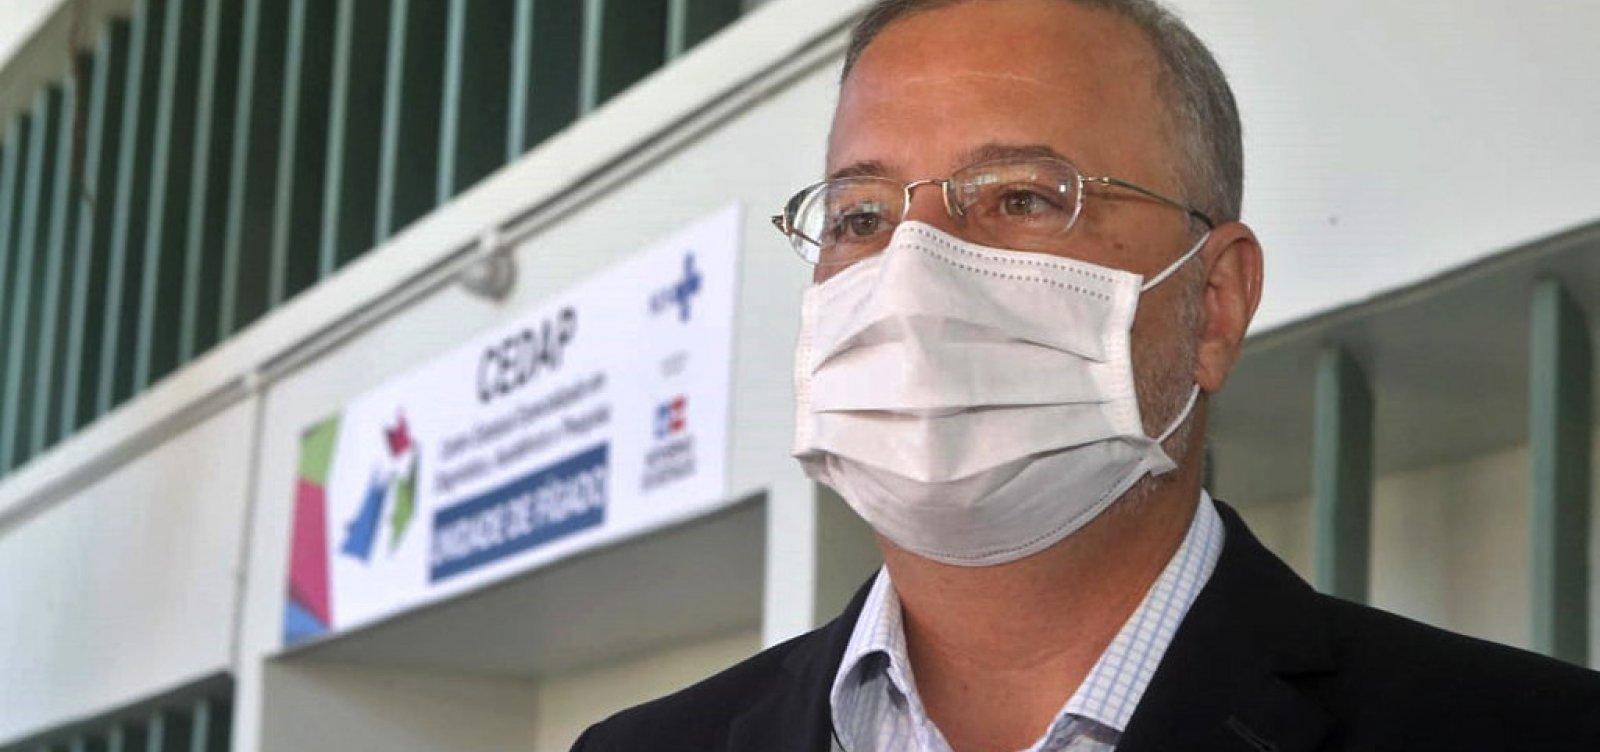 Público geral não será vacinado antes do 2º semestre de 2021, diz secretário de Saúde